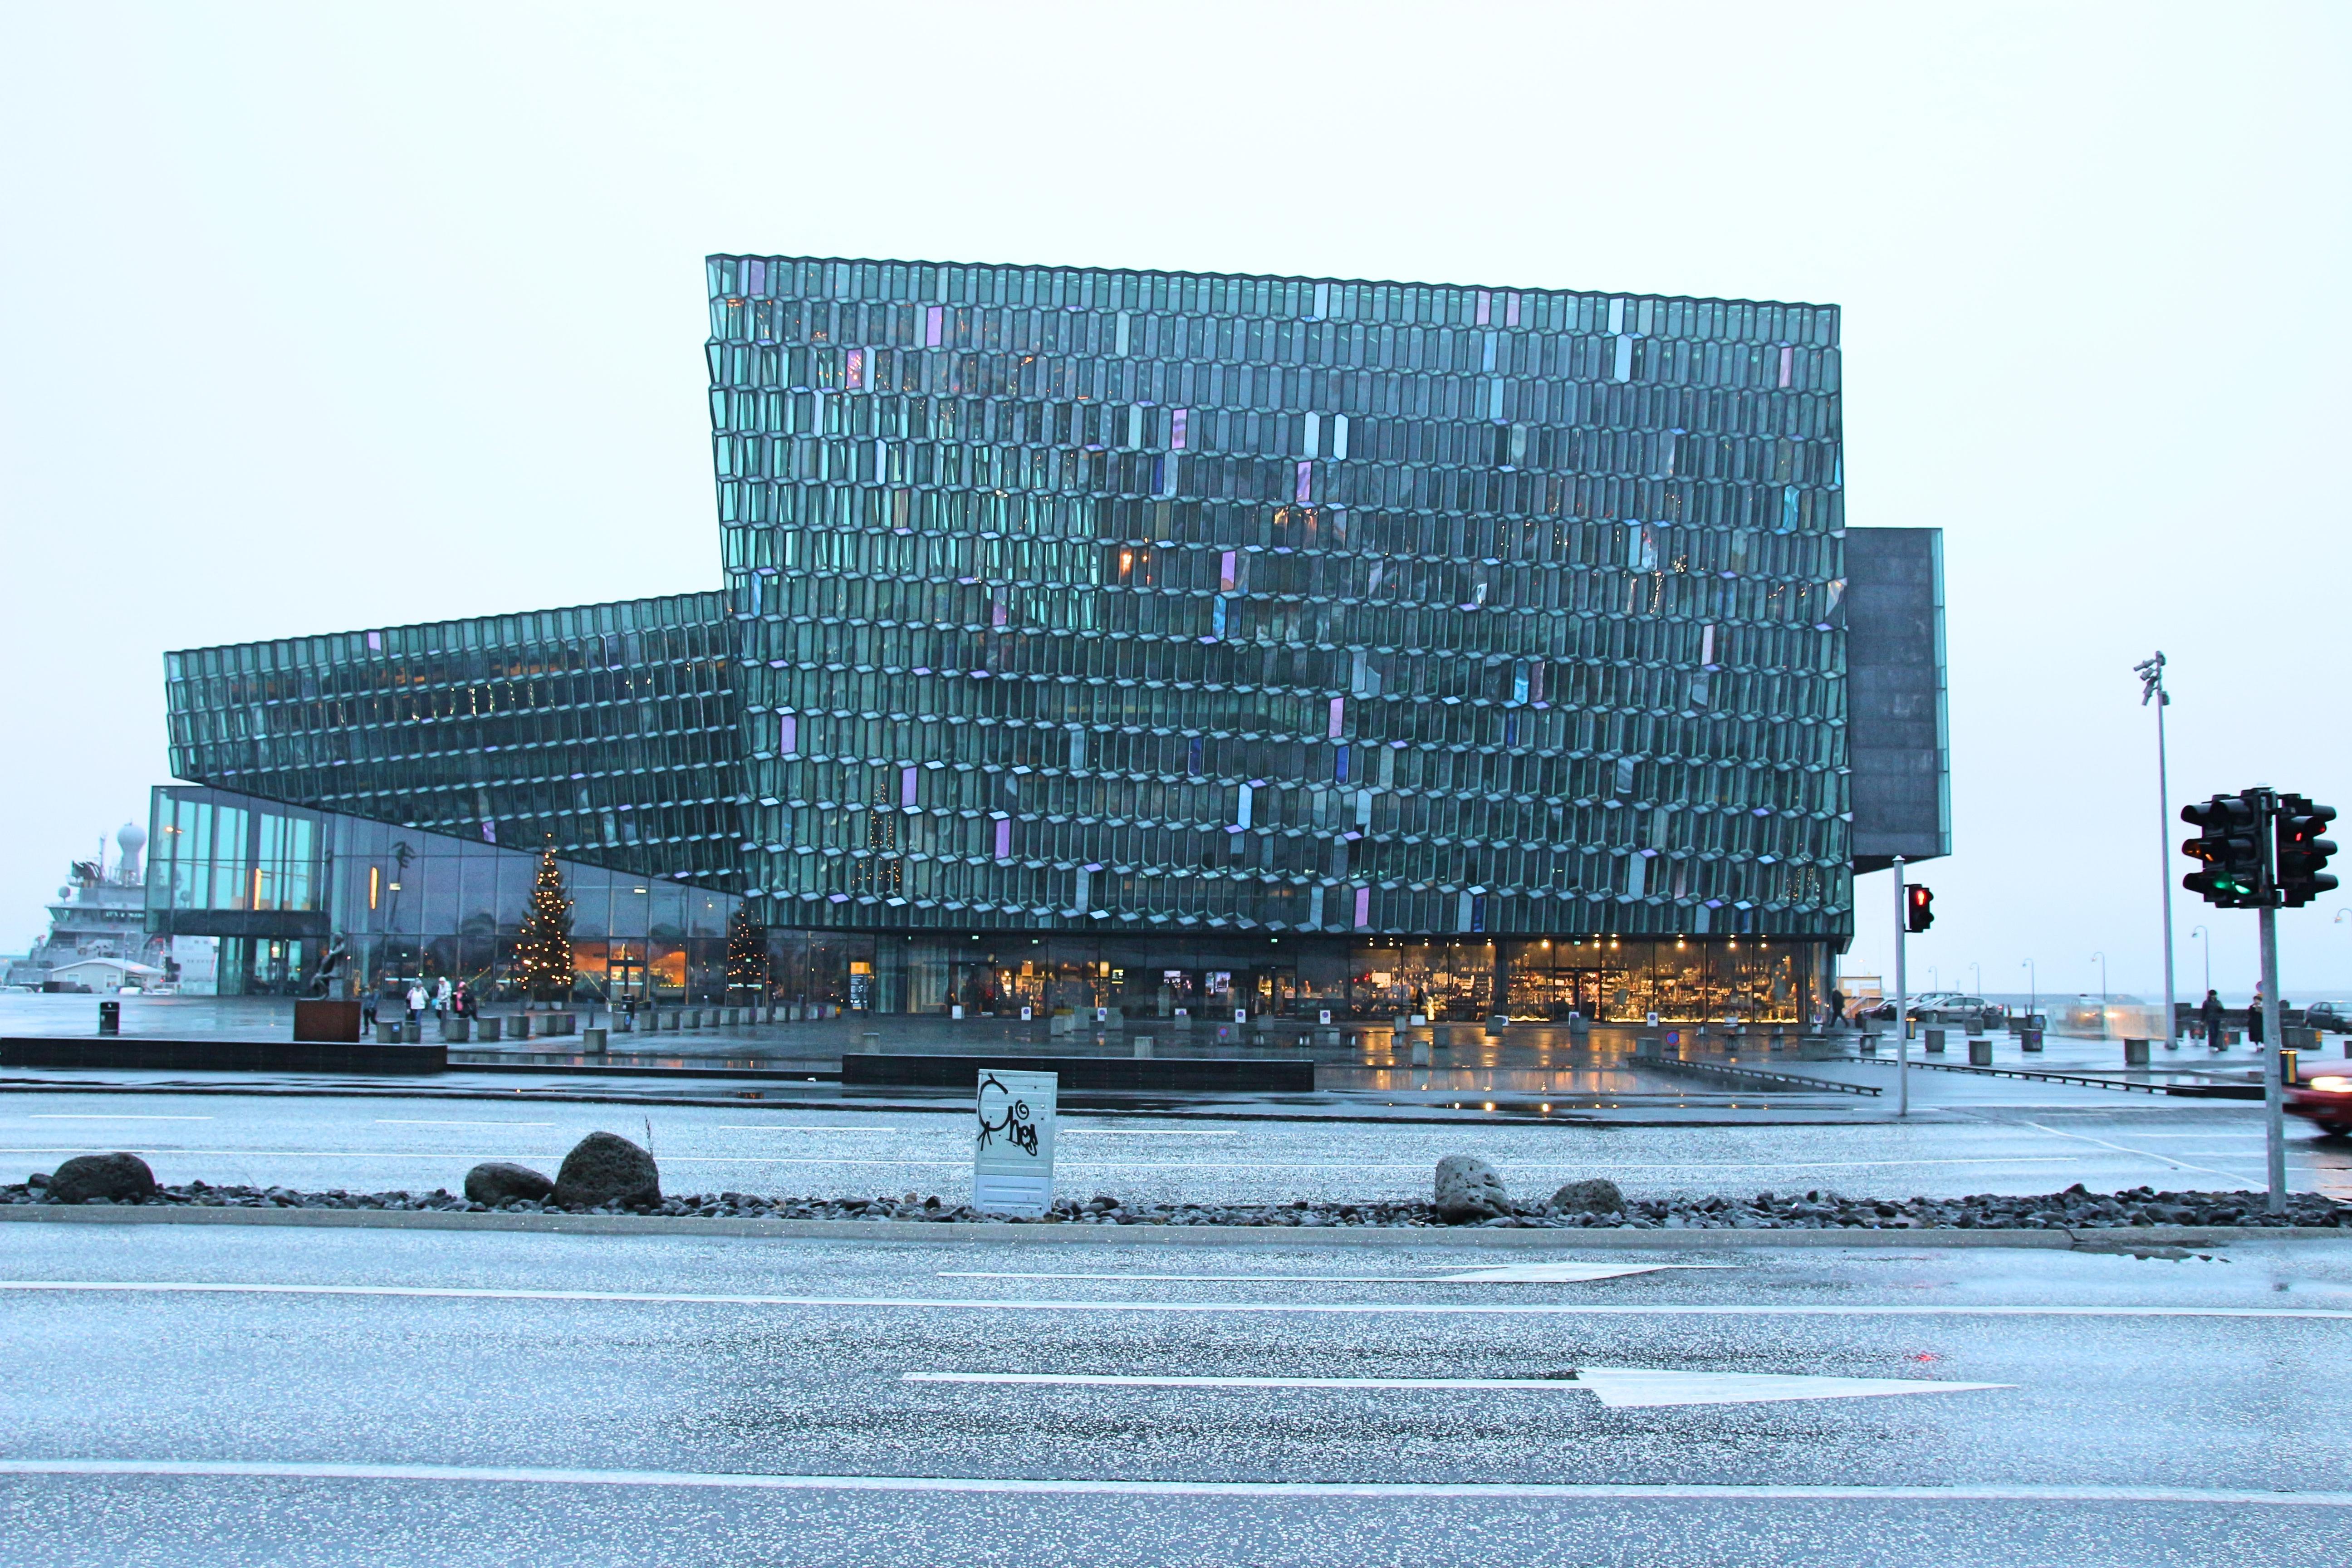 Harpa Concert Hall, Reykjavik, Iceland. Credit: eatsleeplovetravel.com